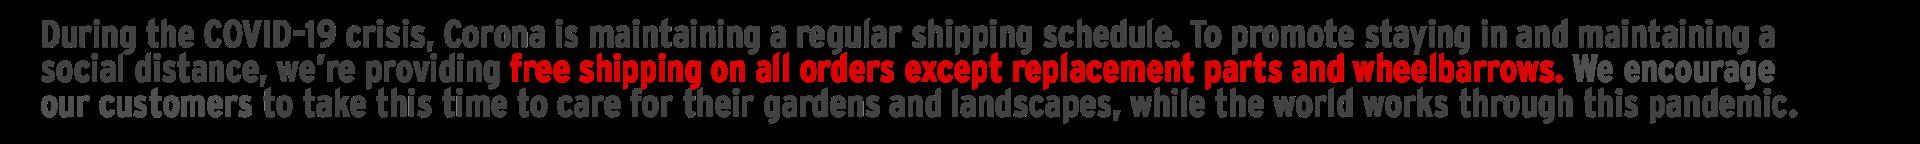 Covid shipping on Corona Tools